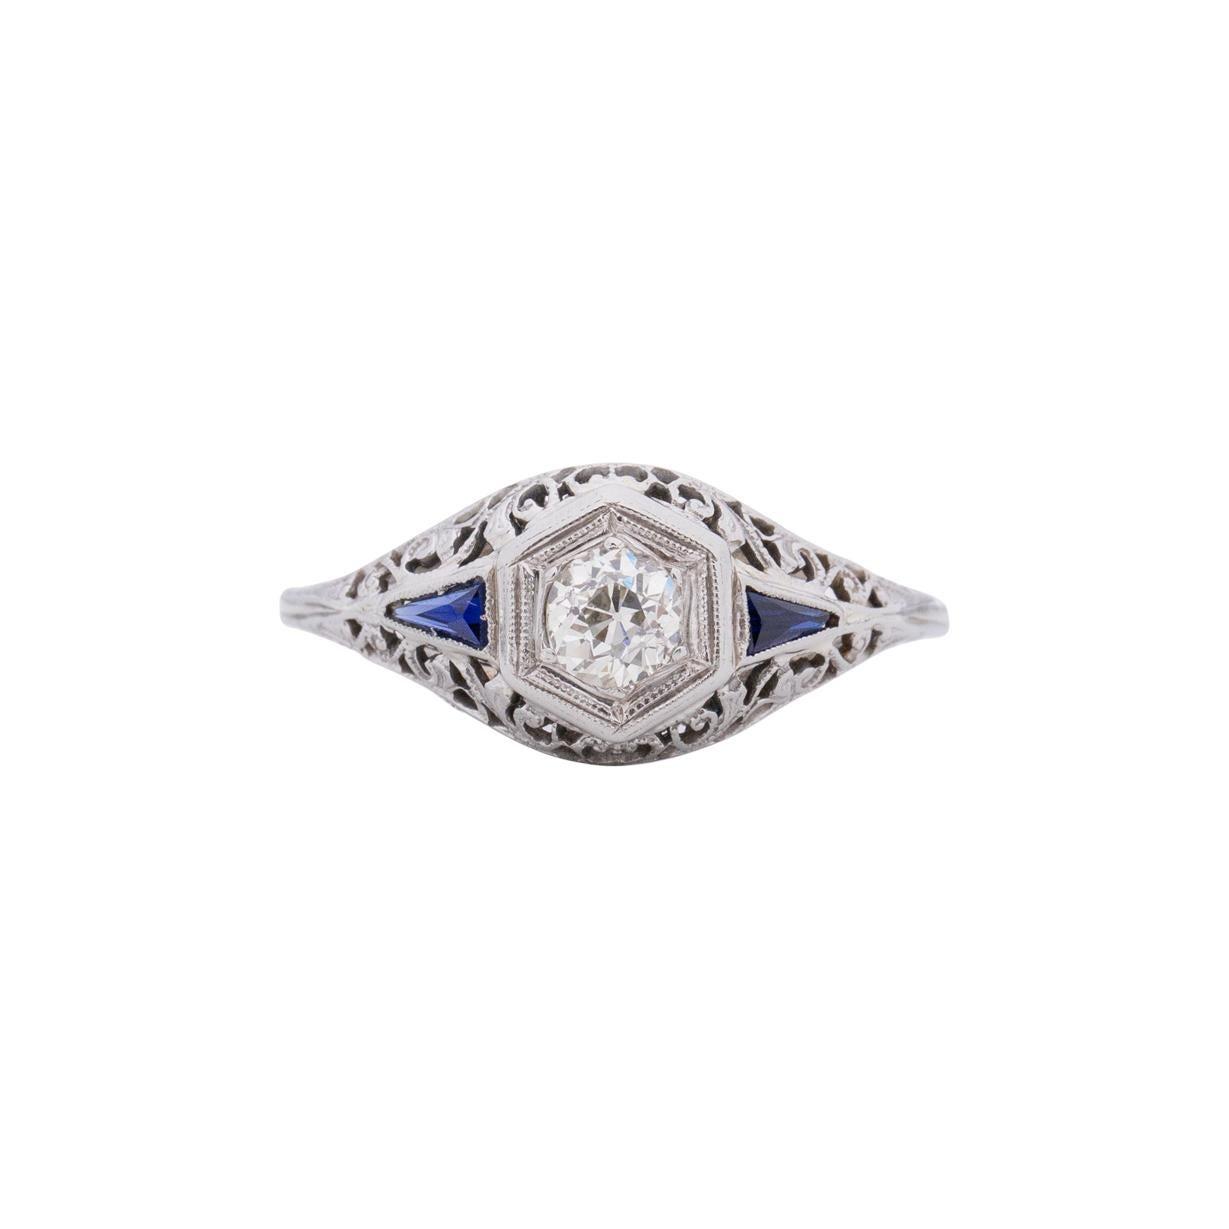 .25 Carat Art Deco 18 Karat White Gold Diamond Engagement Ring